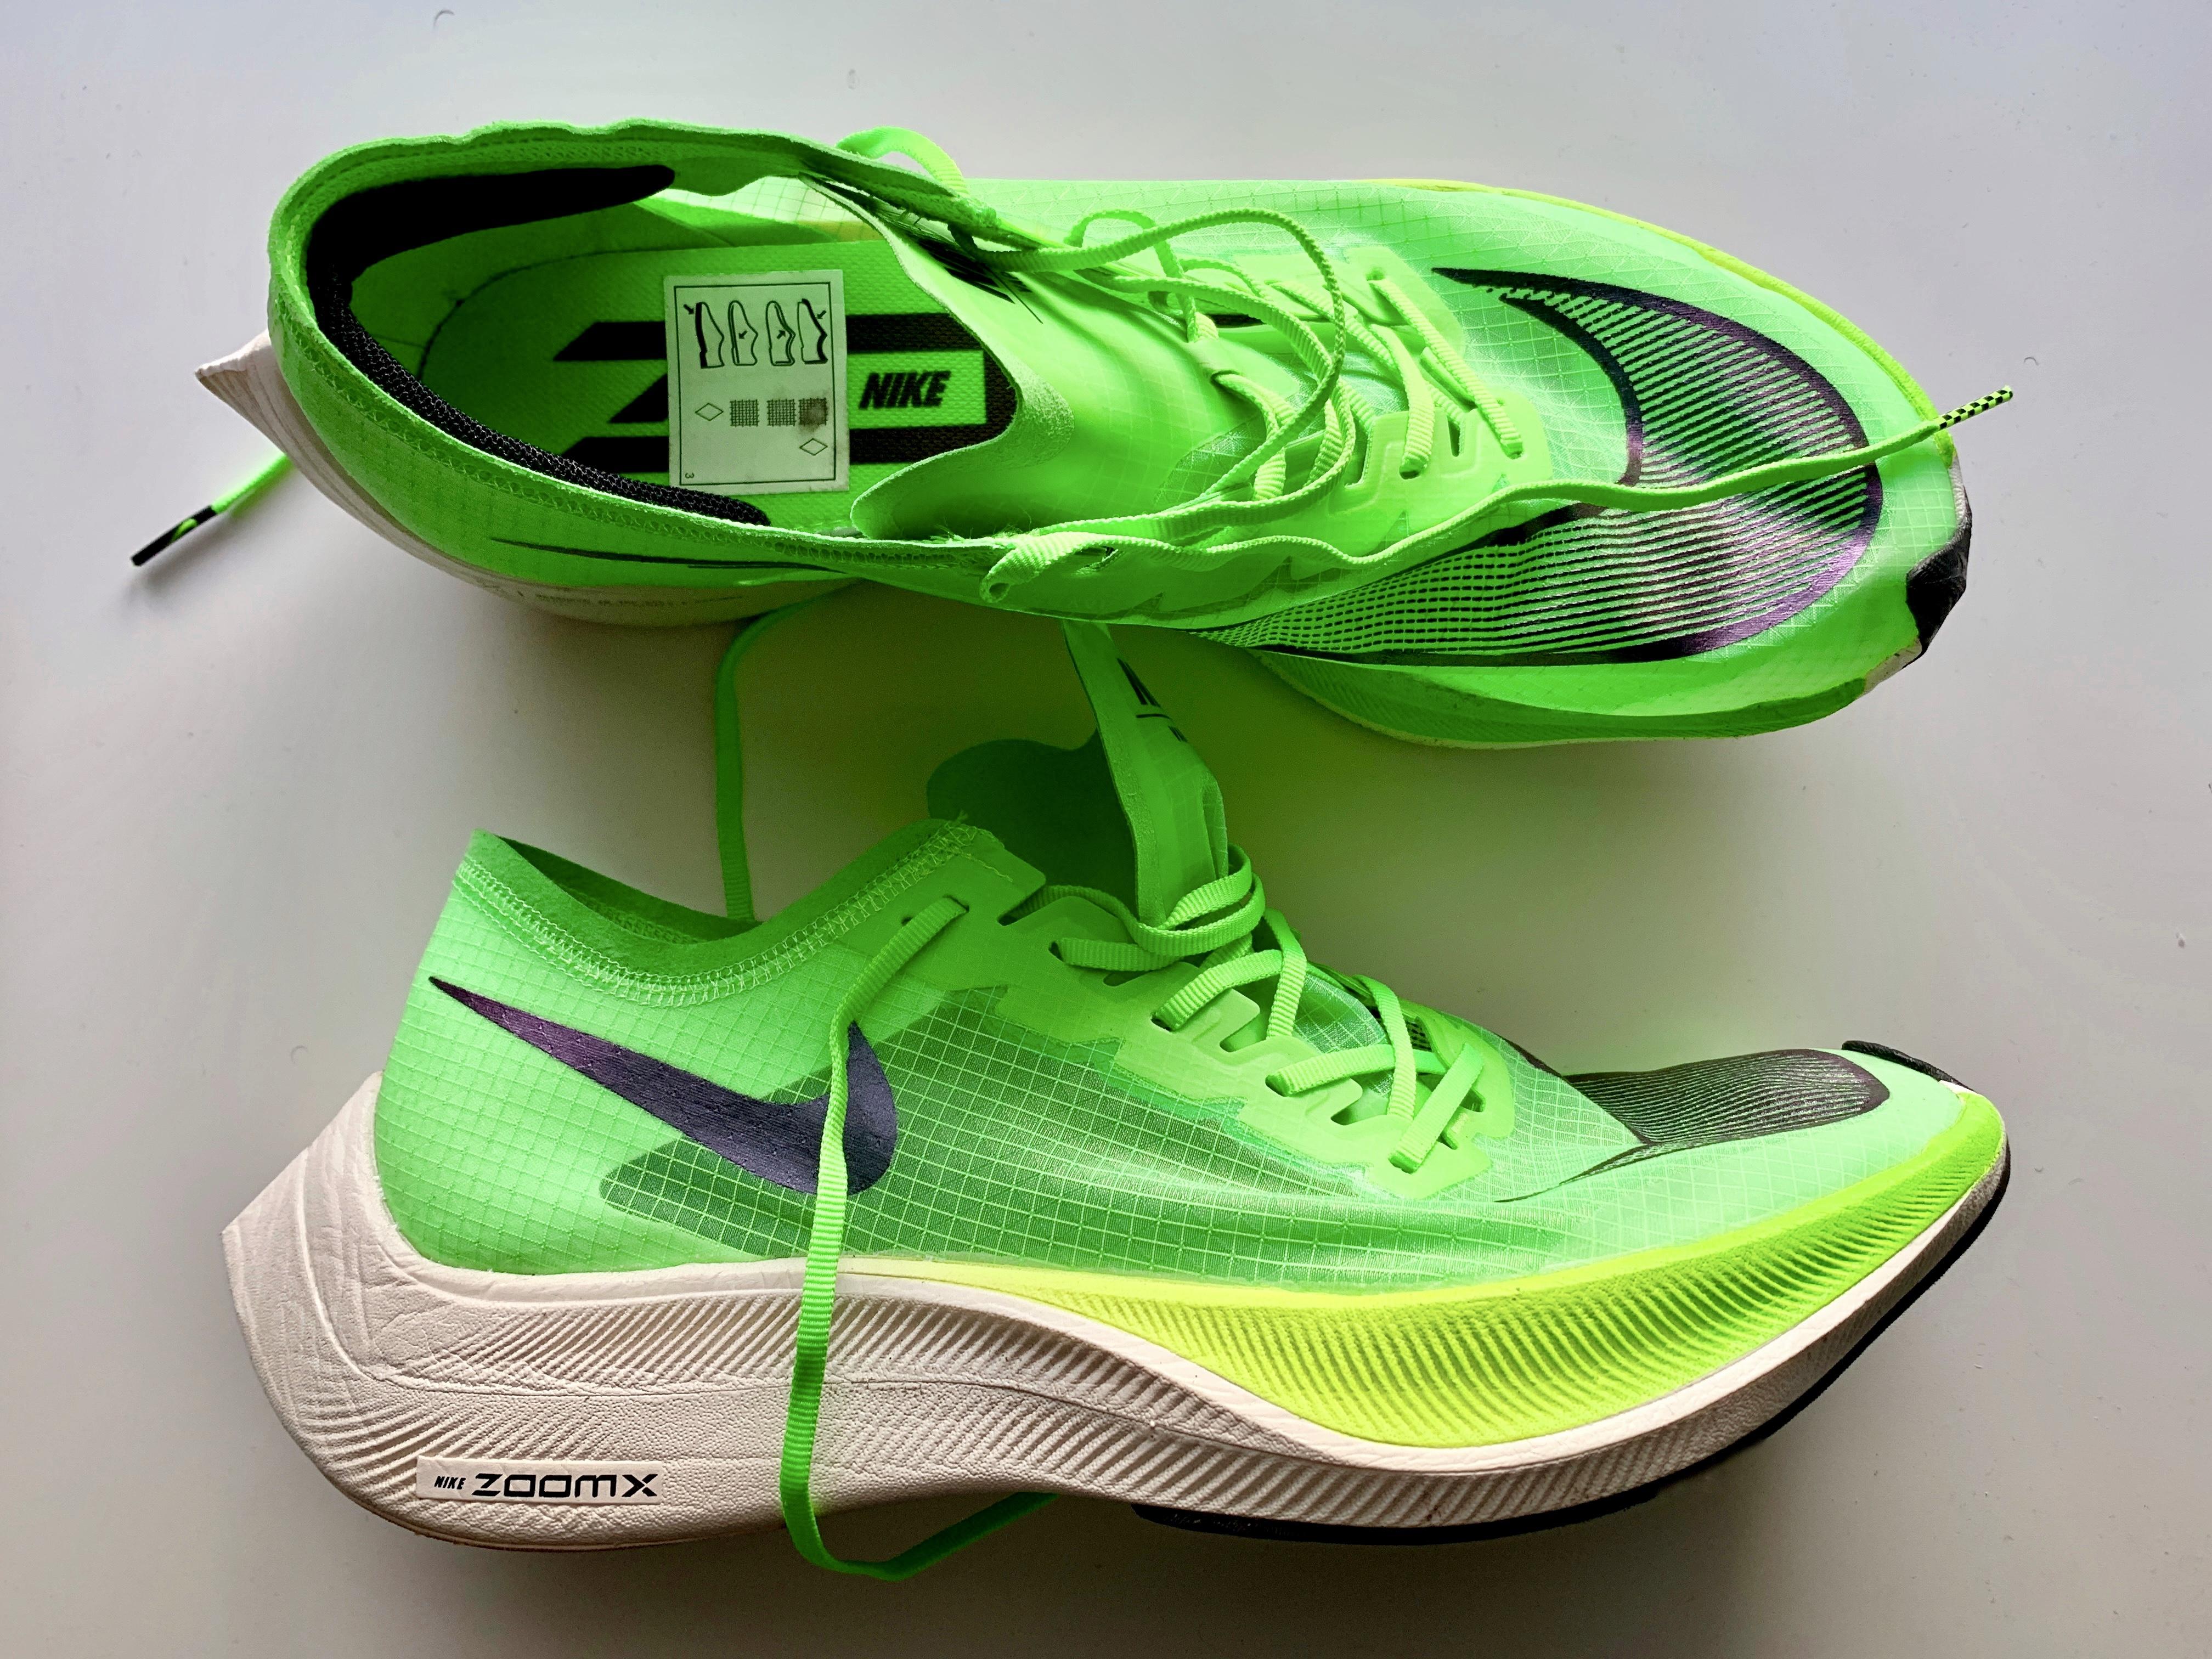 Nike Vaporfly NEXT% Review – Marathon